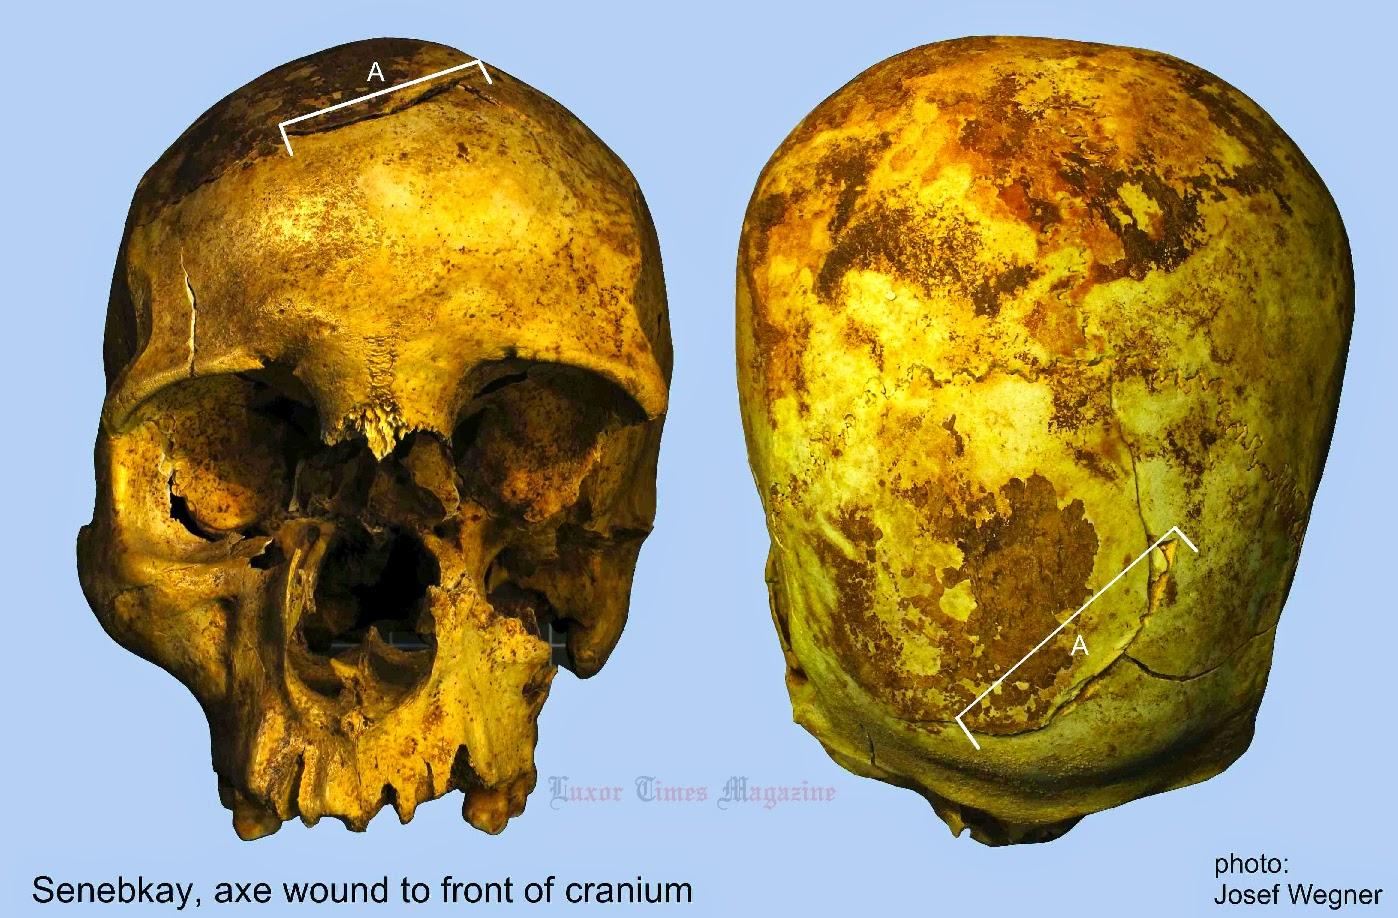 Раны на передней части черепа Сенебкая, нанесенные топором.